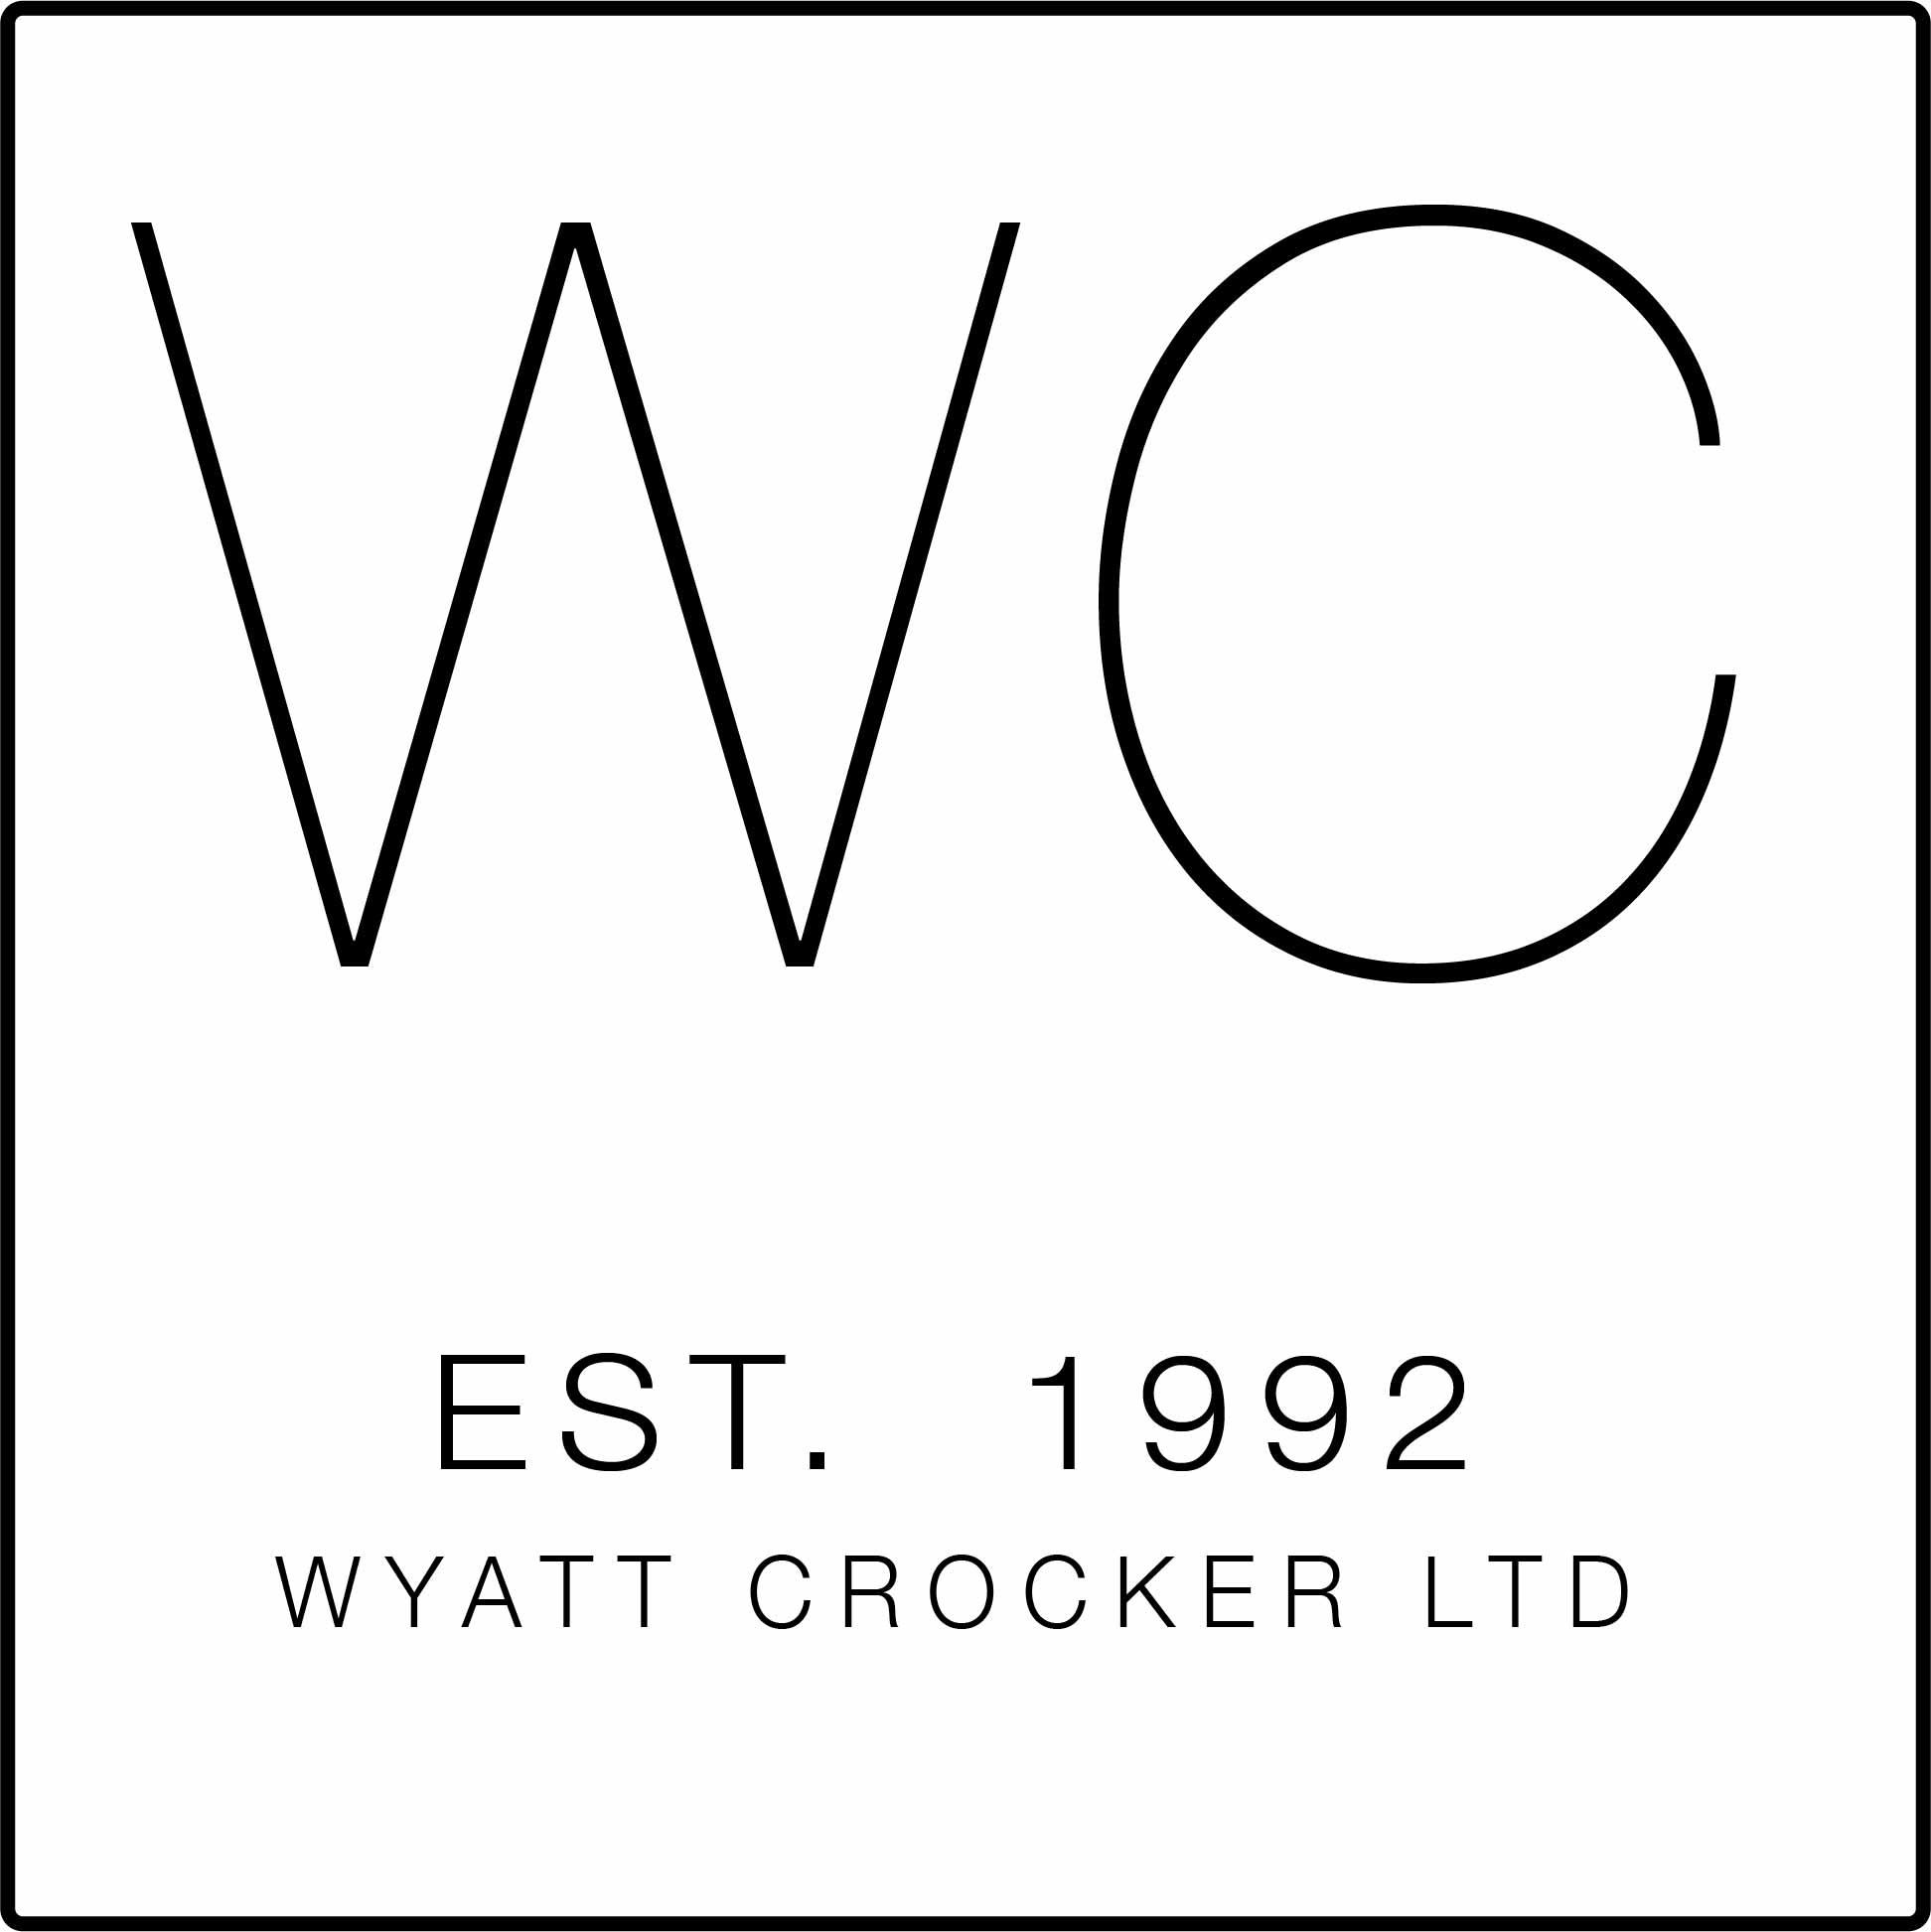 Wyatt Crocker Ltd